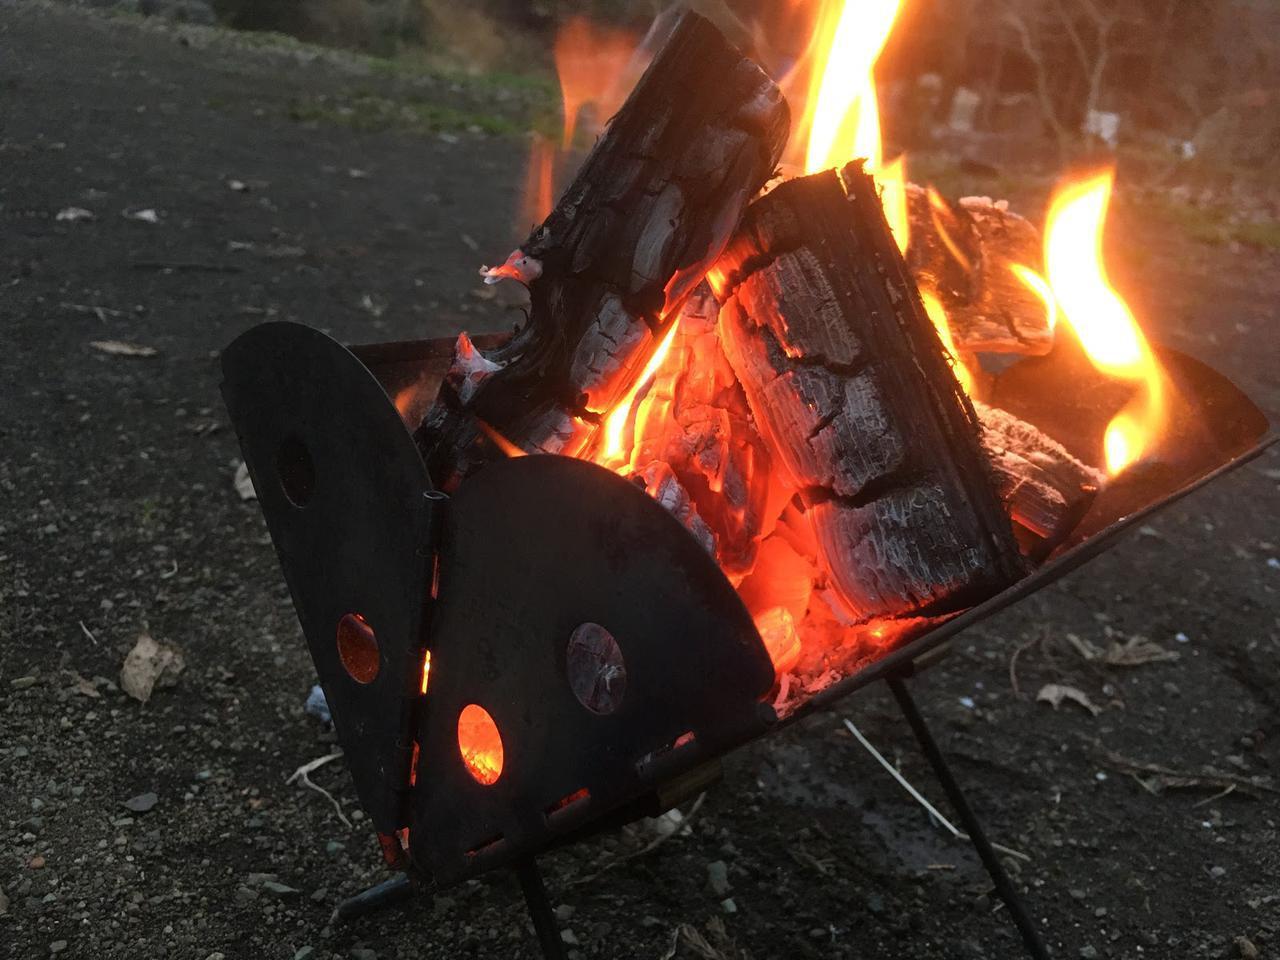 画像: UCOの焚き火台『ミニフラットパック』をレビュー ソロキャンプでの焚き火の手順も解説 - ハピキャン(HAPPY CAMPER)